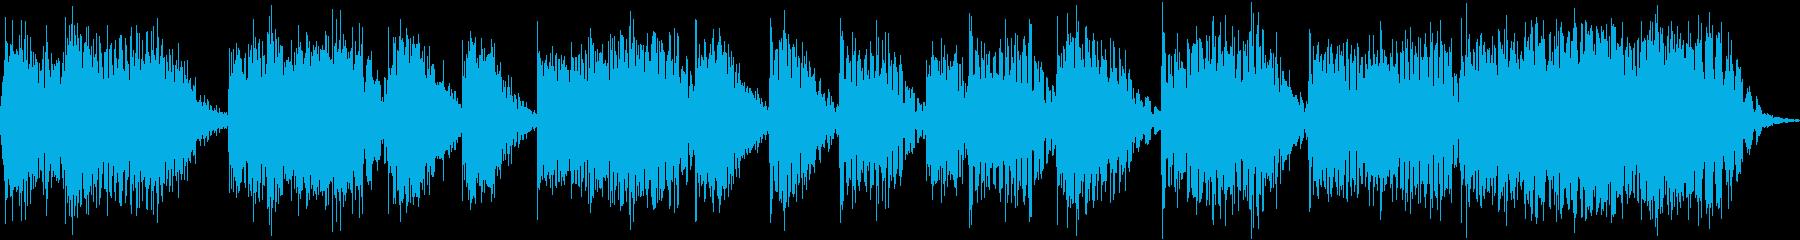 急速な電気火炎アークバースト電気、...の再生済みの波形